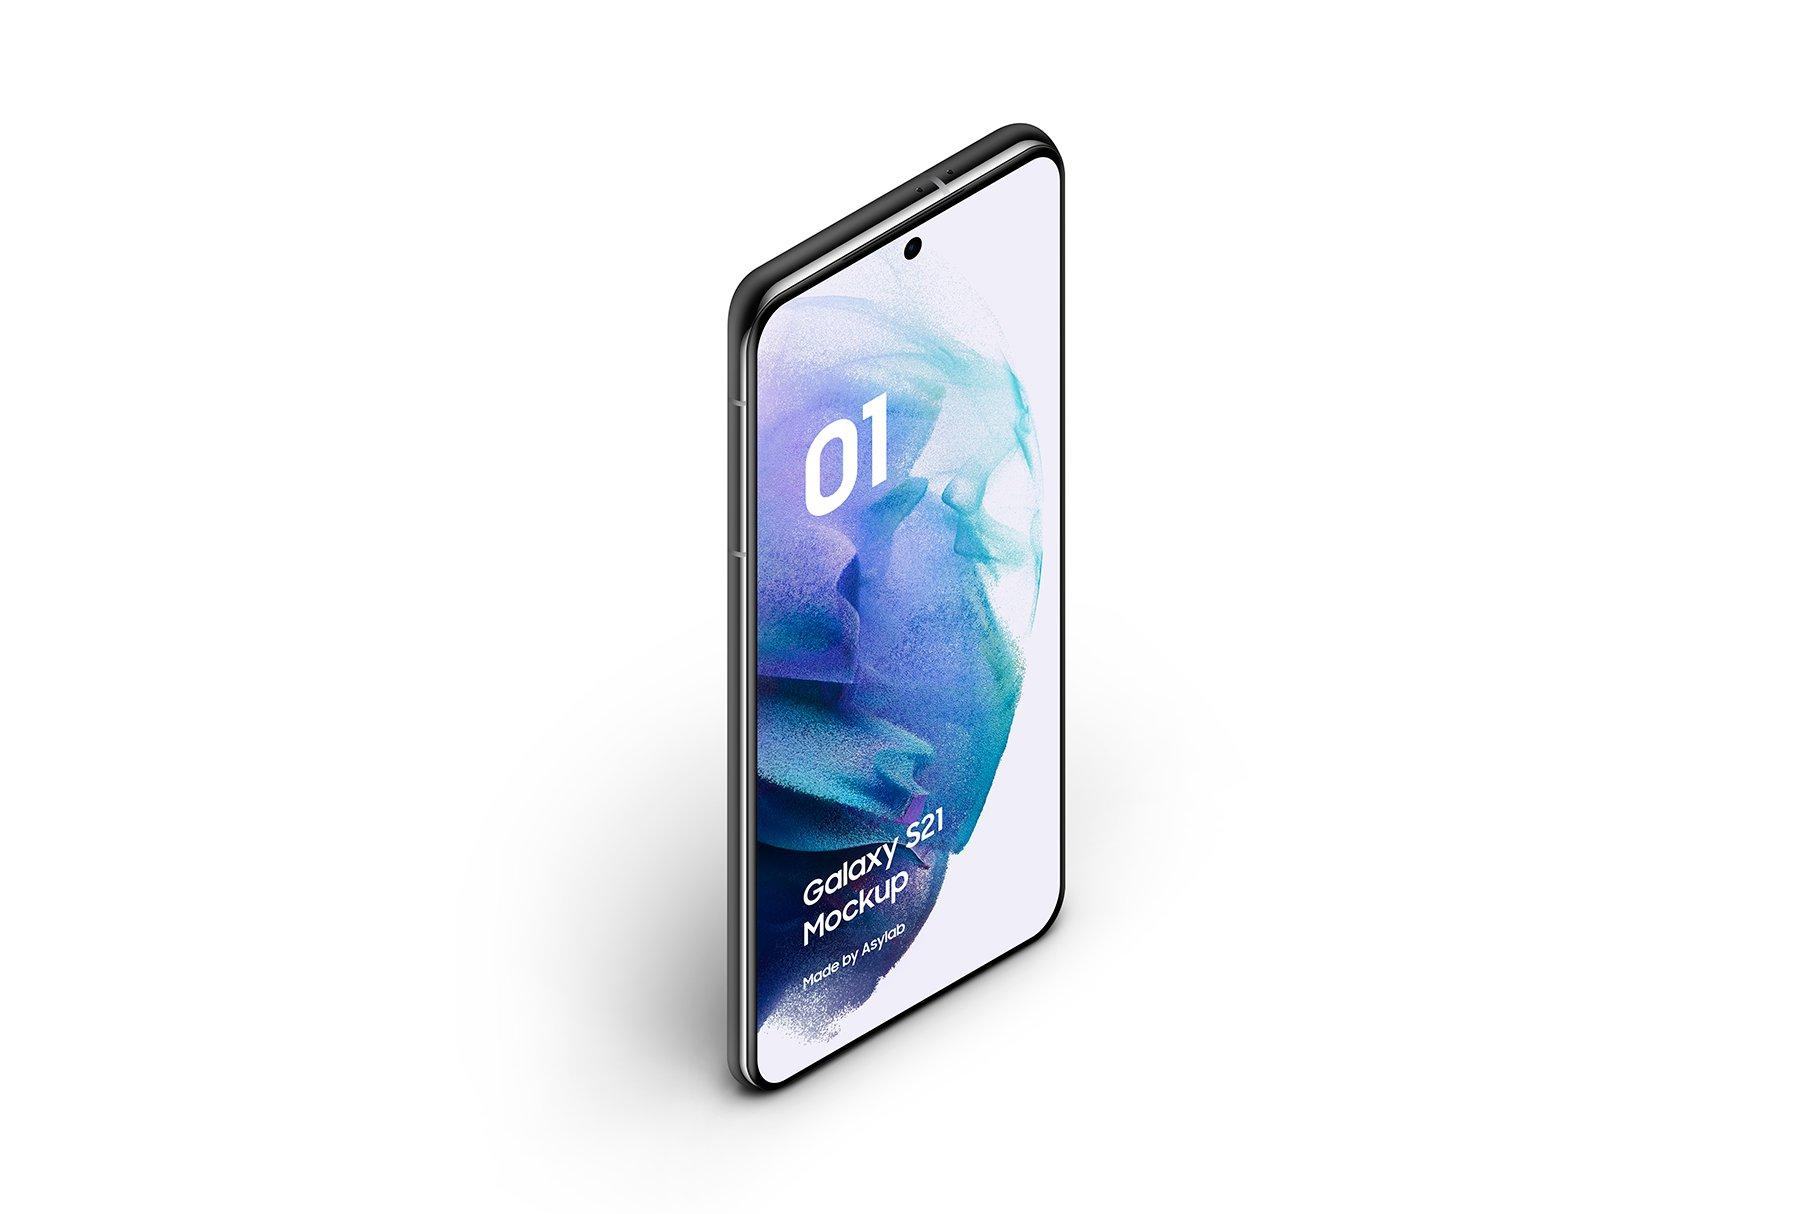 [单独购买] 20款三星Galaxy S21手机网站APP界面设计演示样机模板套件 Galaxy S21 – 20 Mockups Scenes插图15